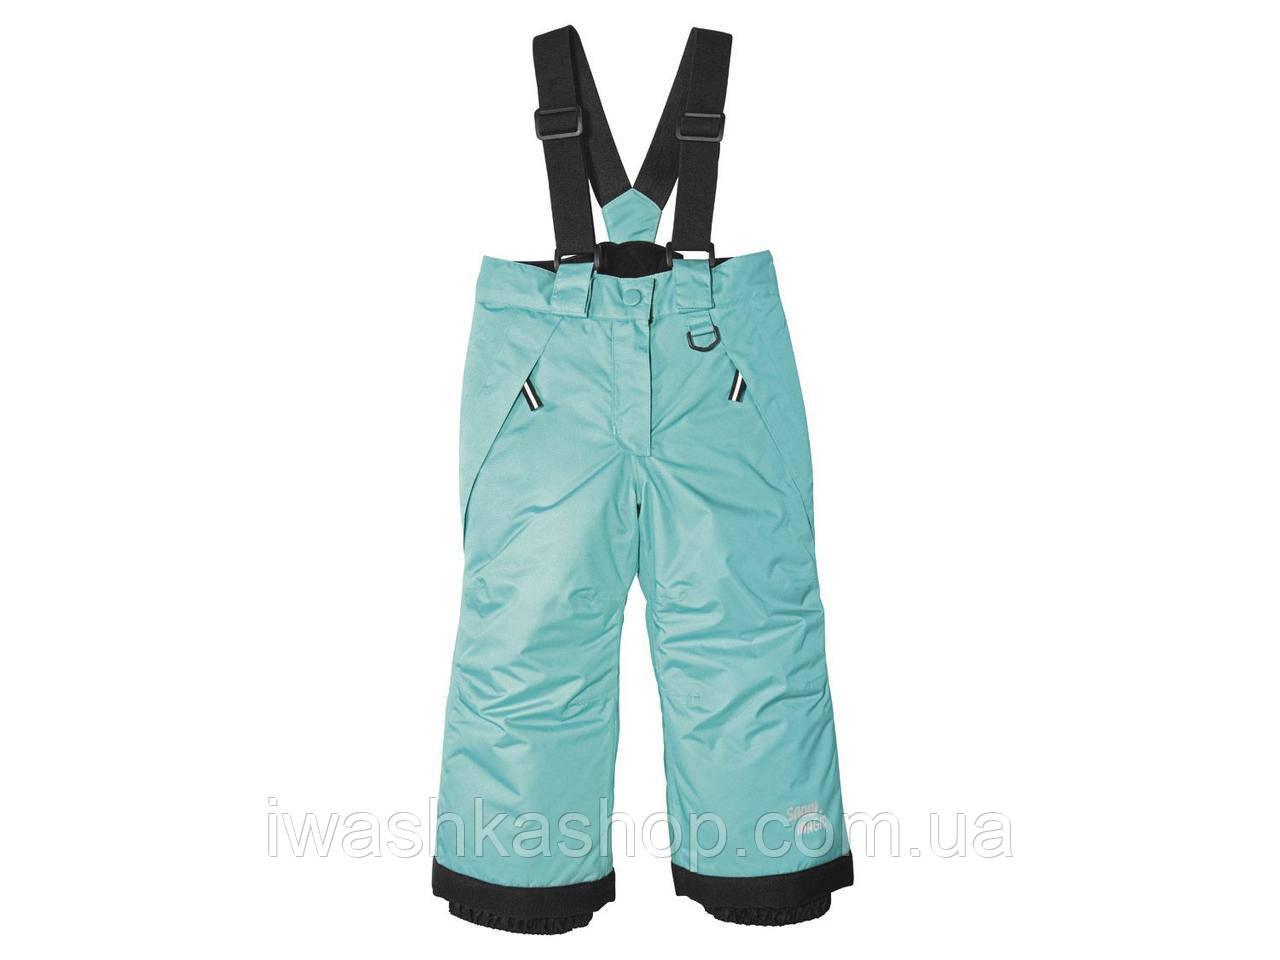 Зимние термо штаны на девочек 12 - 24 месяца, р. 86 - 92, Lupilu